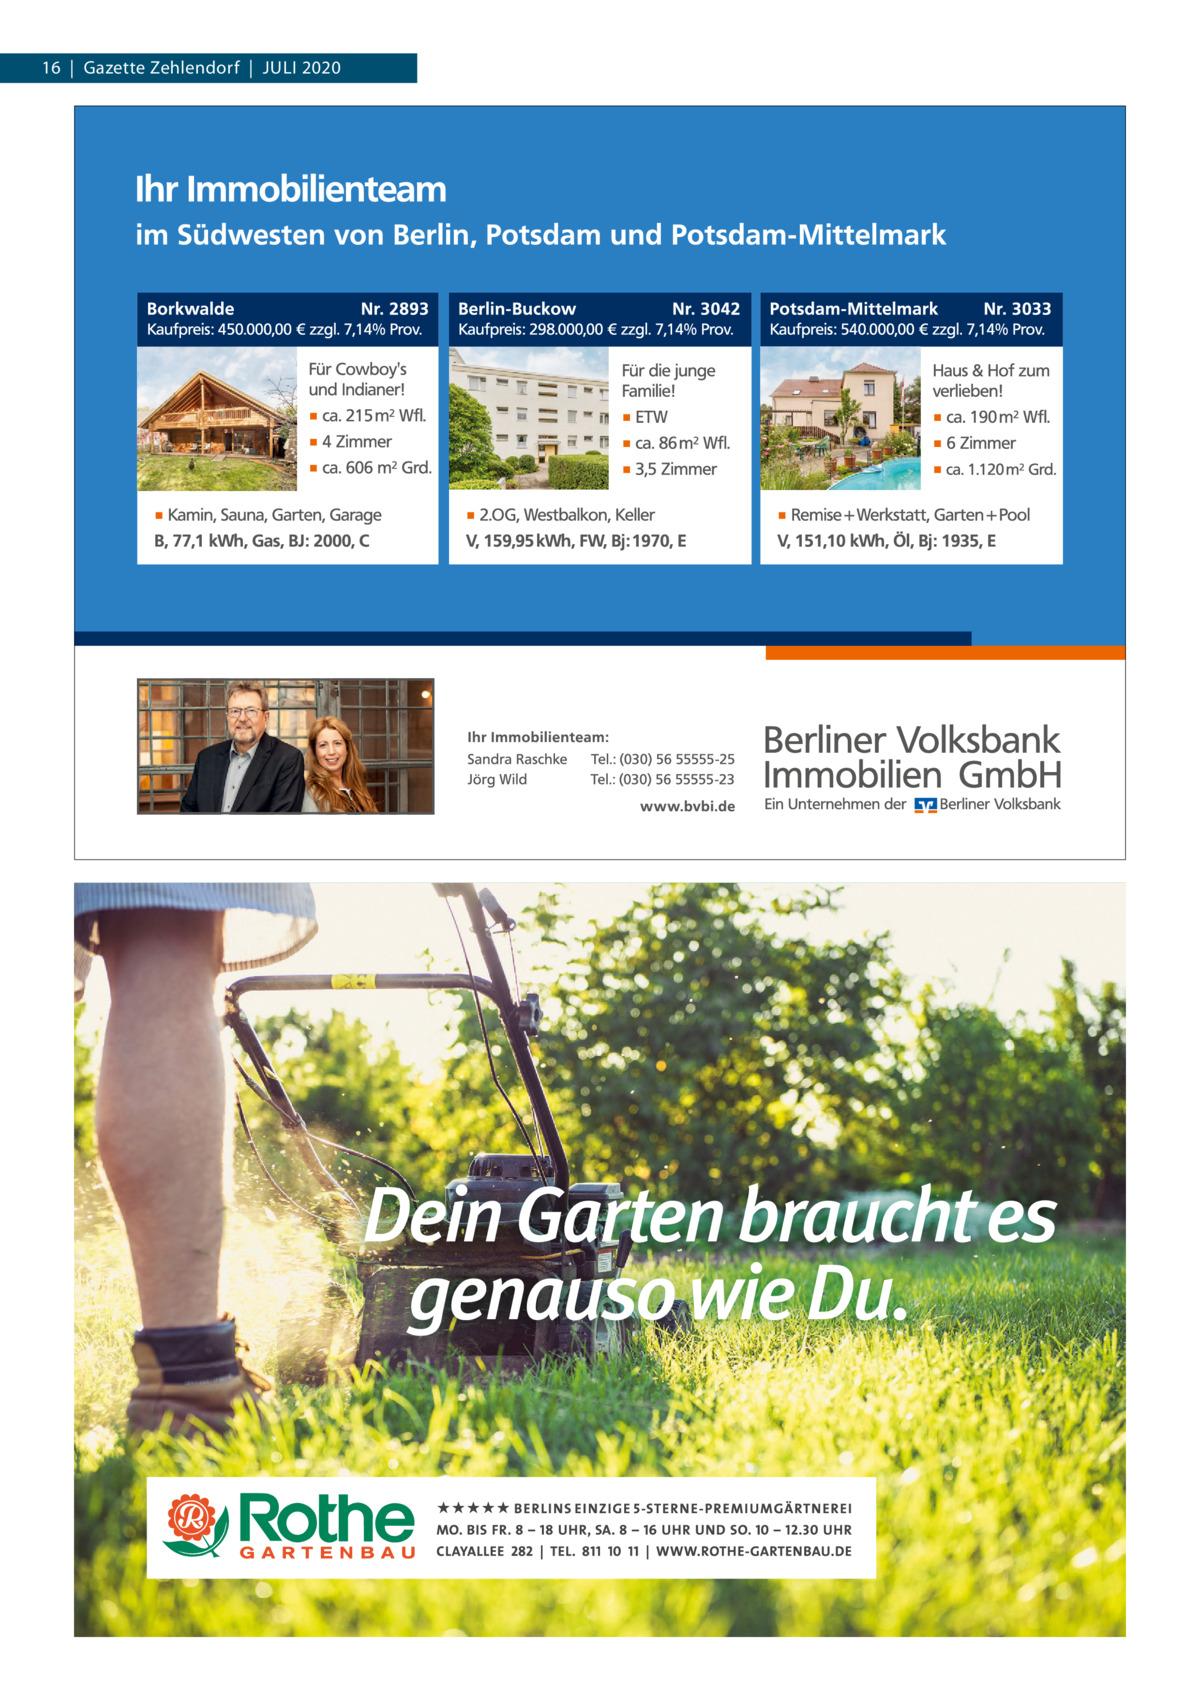 16|Gazette Zehlendorf|Juli 2020